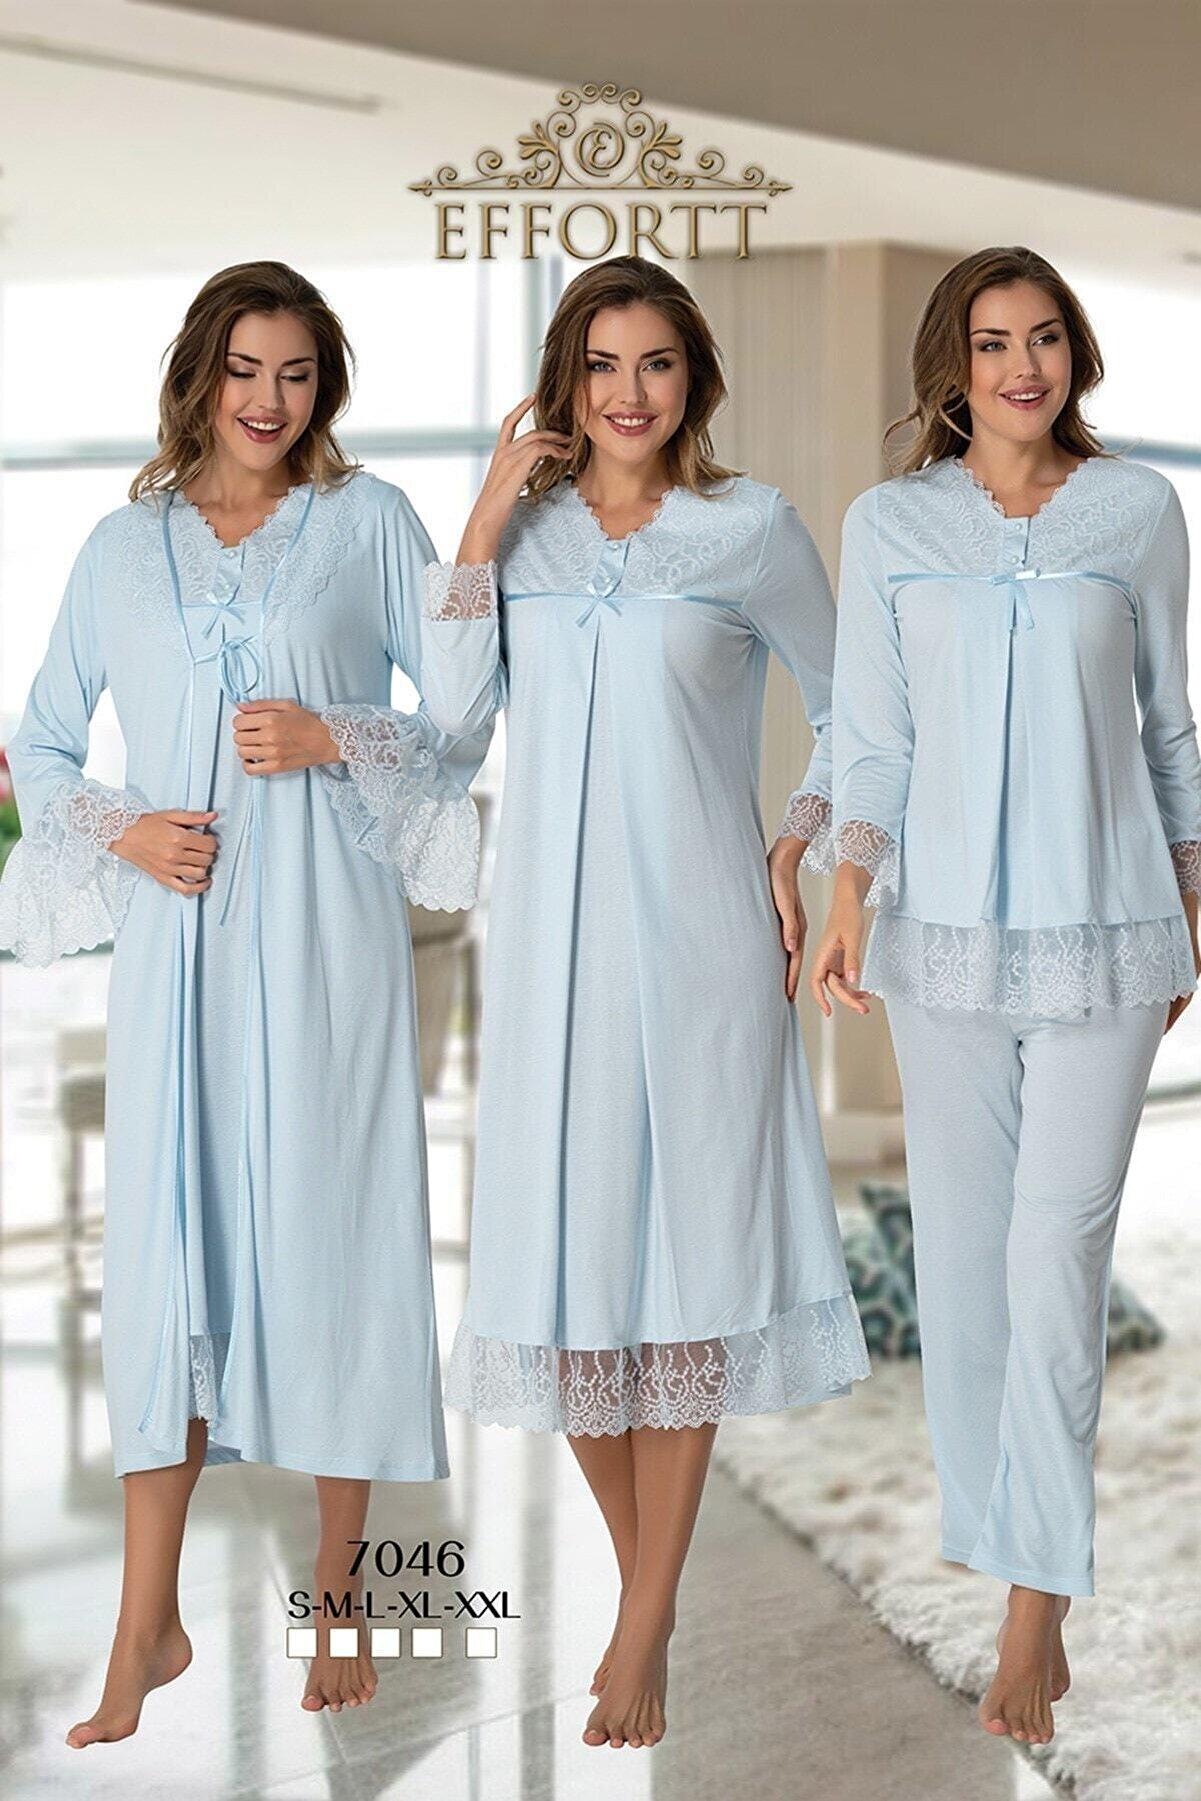 Effort Pijama Effortt 7046 Mavi Güpür Dantelli Lohusa Hamile 4'lü Set